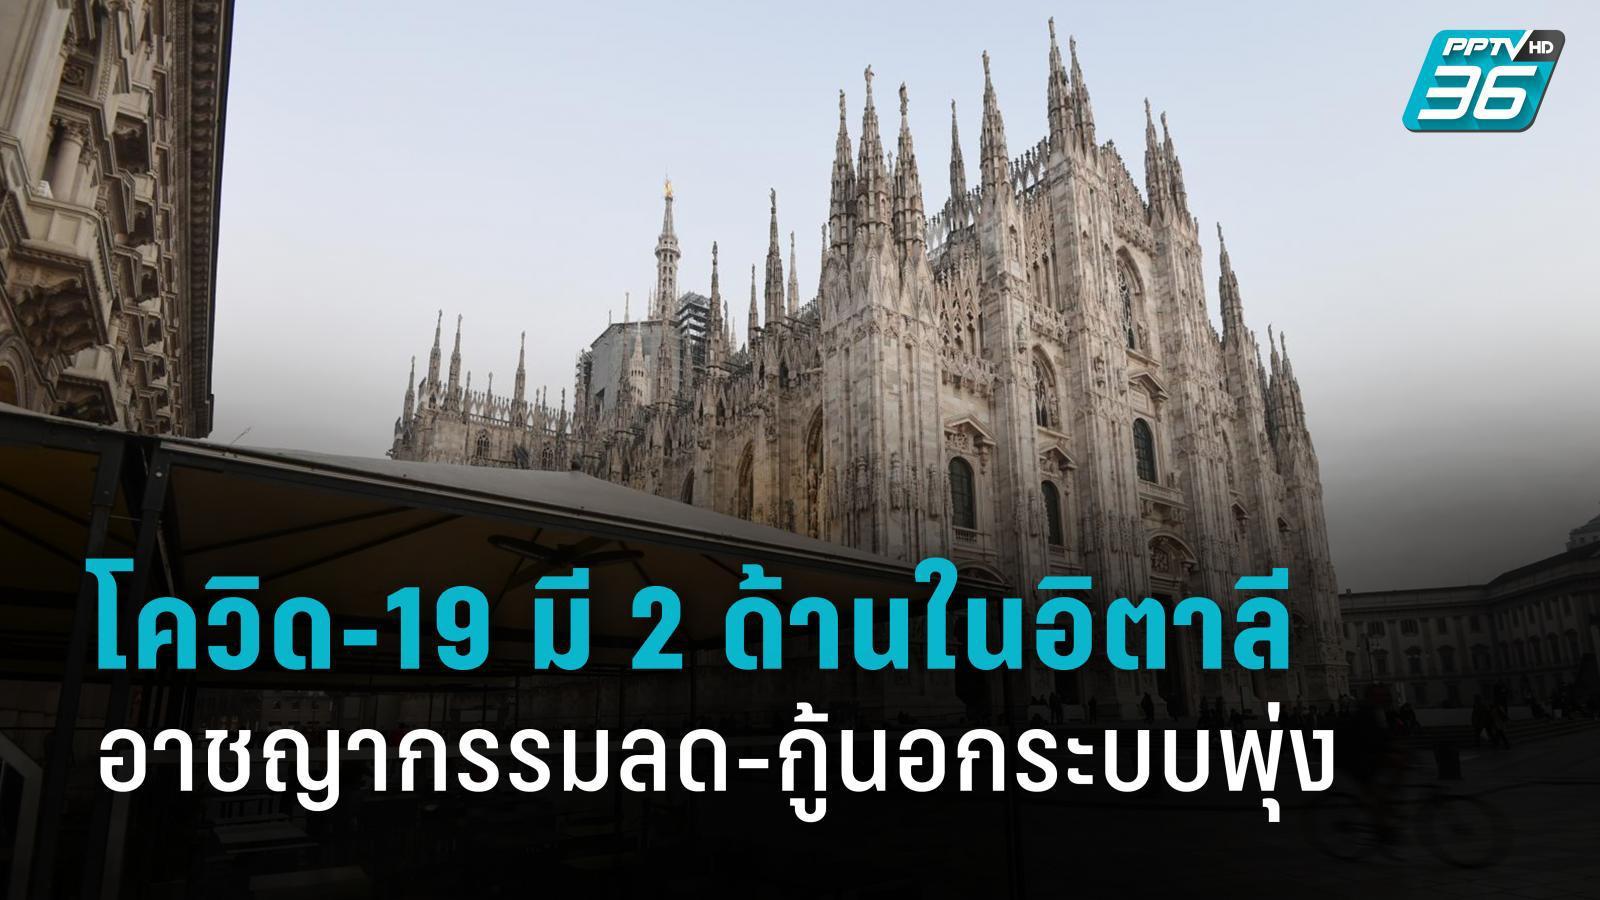 โควิด-19 ทำให้อาชญากรรมในอิตาลีลดลง แต่การกู้นอกระบบพุ่งขึ้น